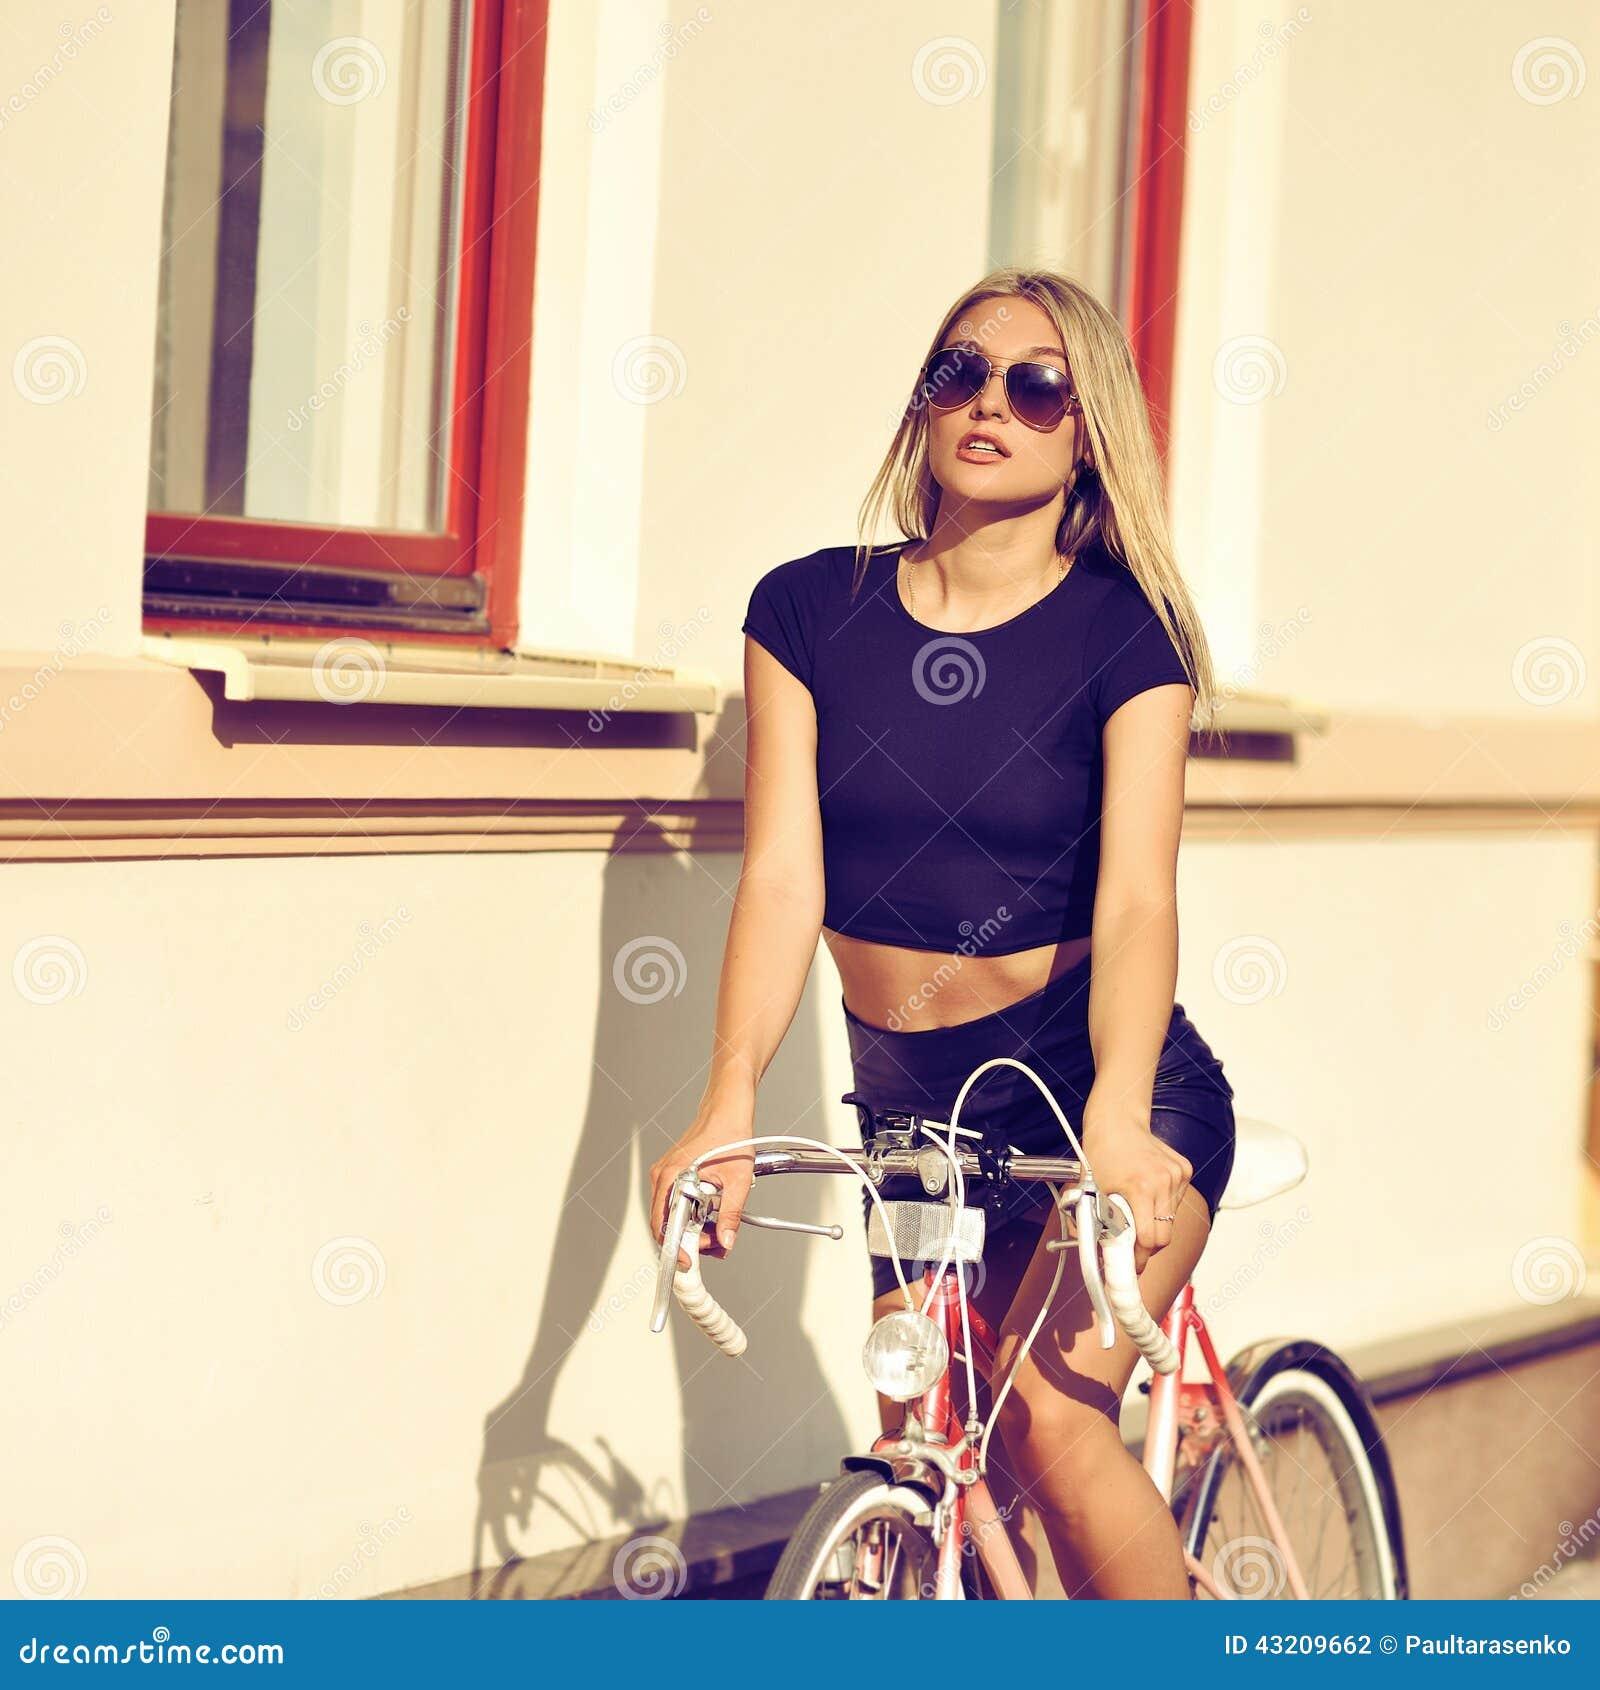 Download Kvinna på en cykel arkivfoto. Bild av stående, sitt, sommar - 43209662